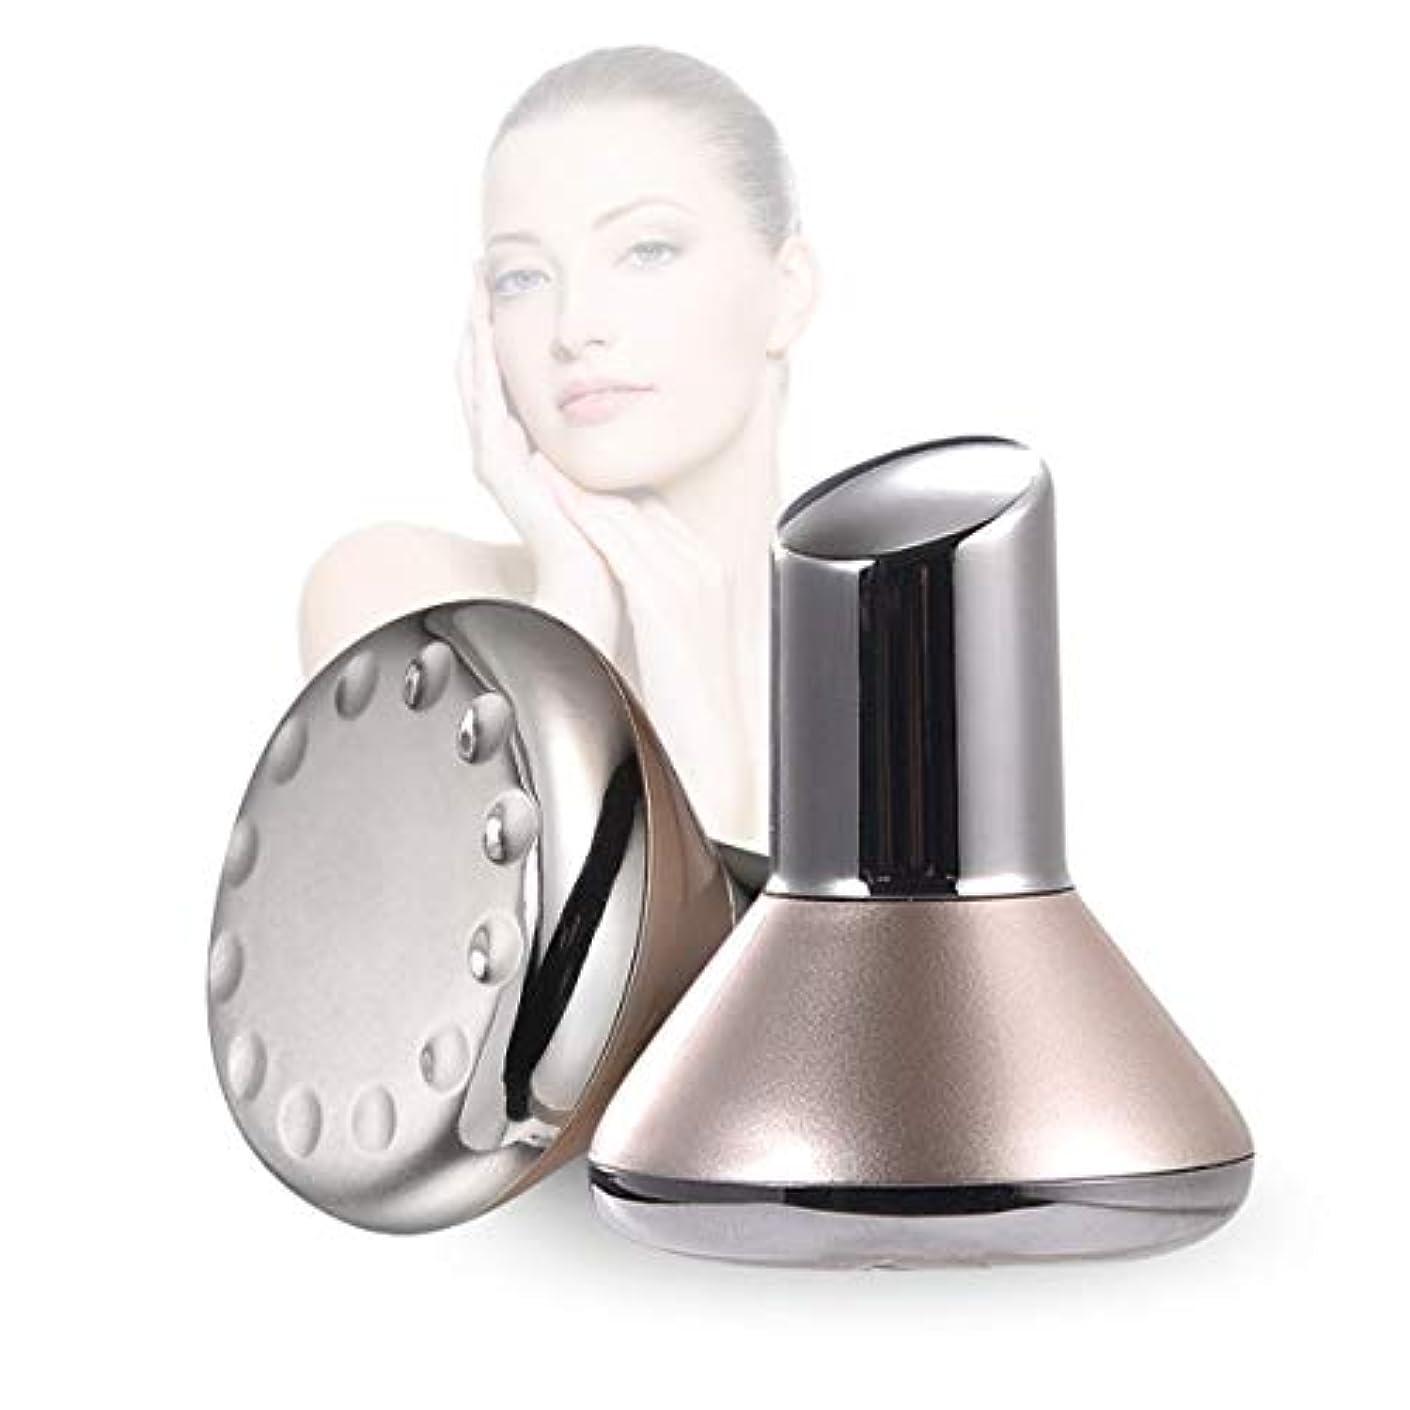 シティ不実蒸気顔の顔のマッサージ、マイクロ磁気振動高周波が付いている携帯用顔機械 - しわを減らすイオン本質のクリーニングの器械